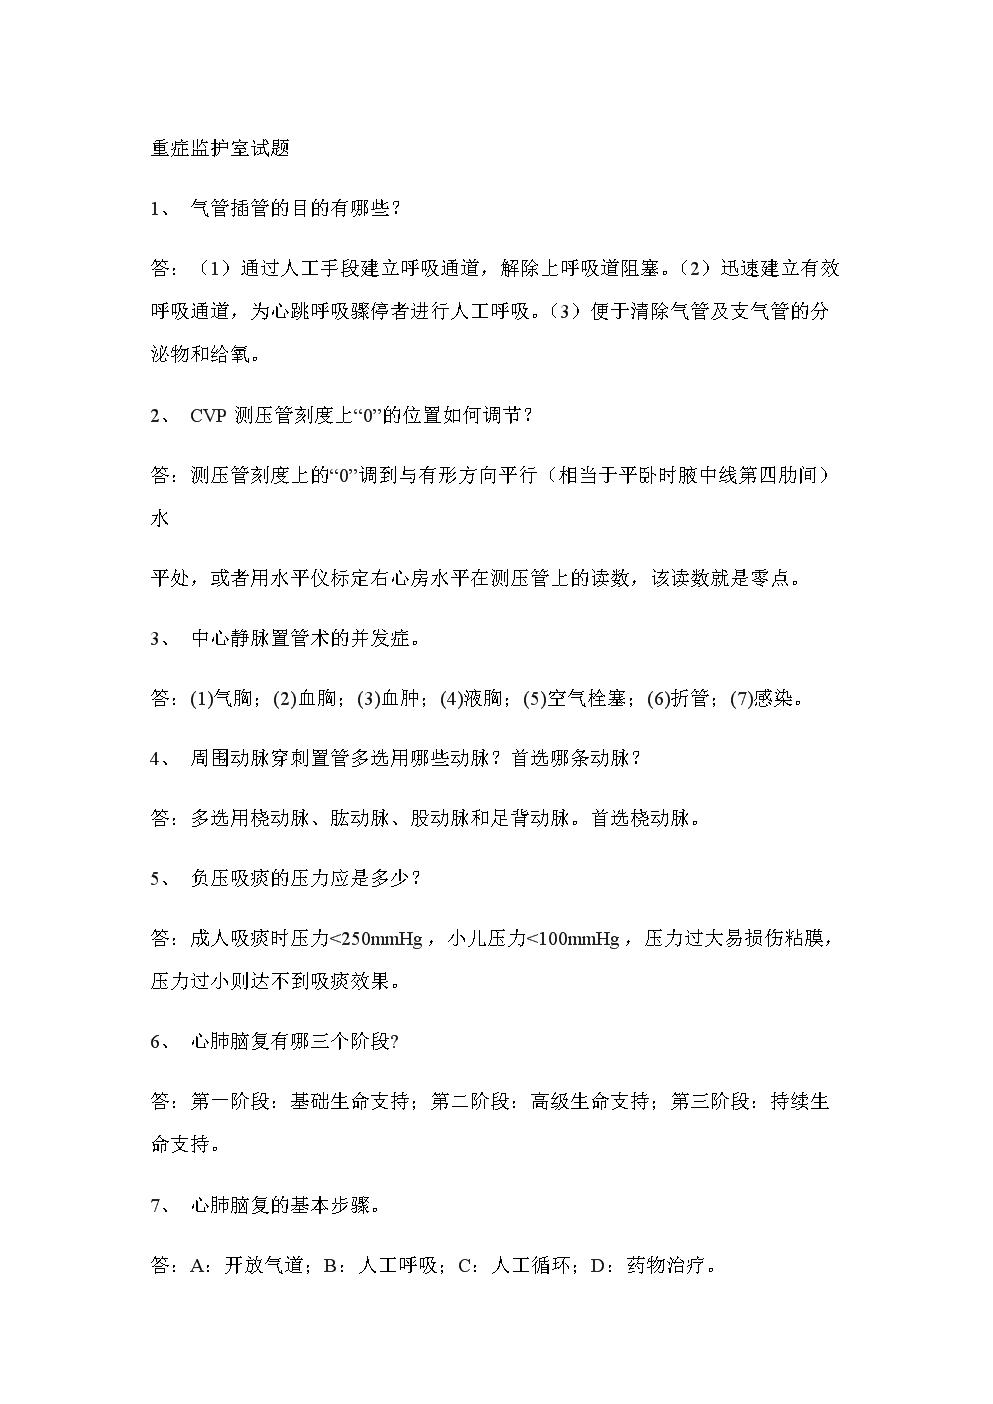 重症监护室精彩试题.docx